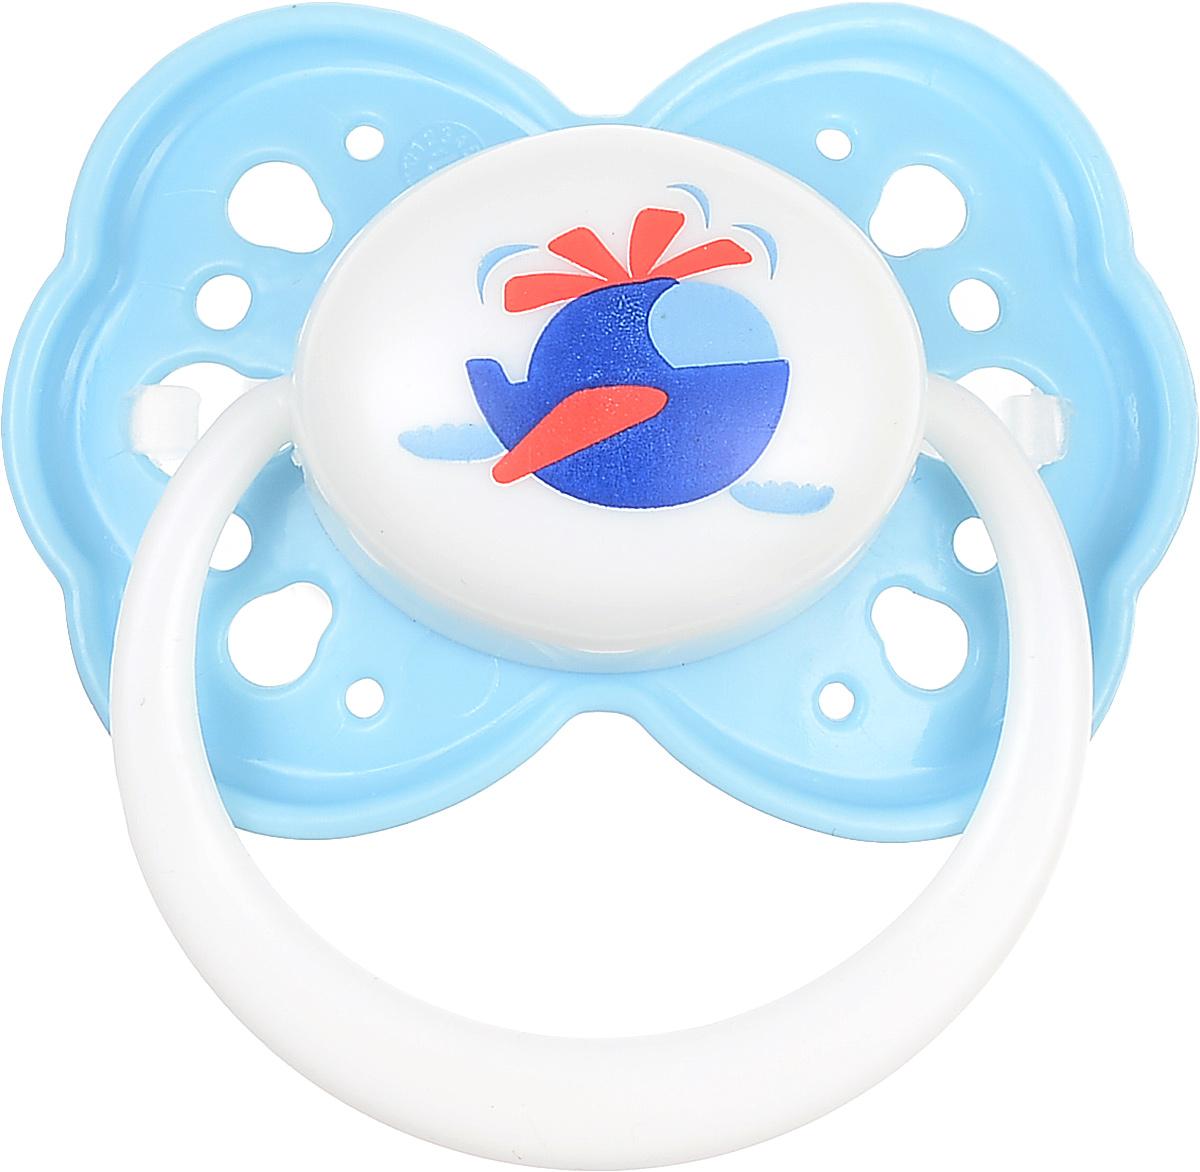 Lubby Пустышка силиконовая Малыши и малышки от 0 месяцев цвет голубой